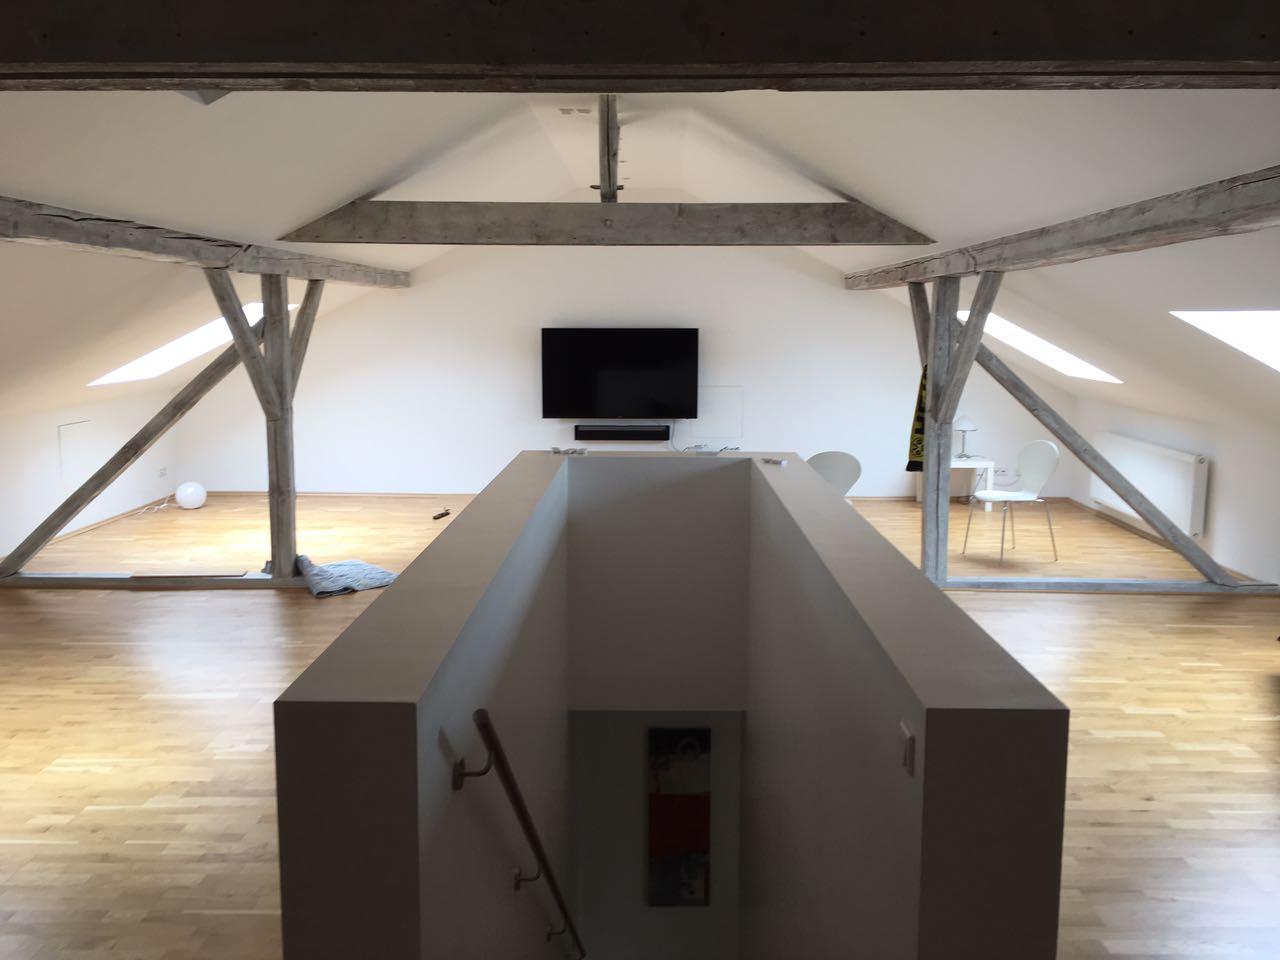 Fertigstellung des Dachgeschoss-Ausbaus in Dortmund-Wellinghofen